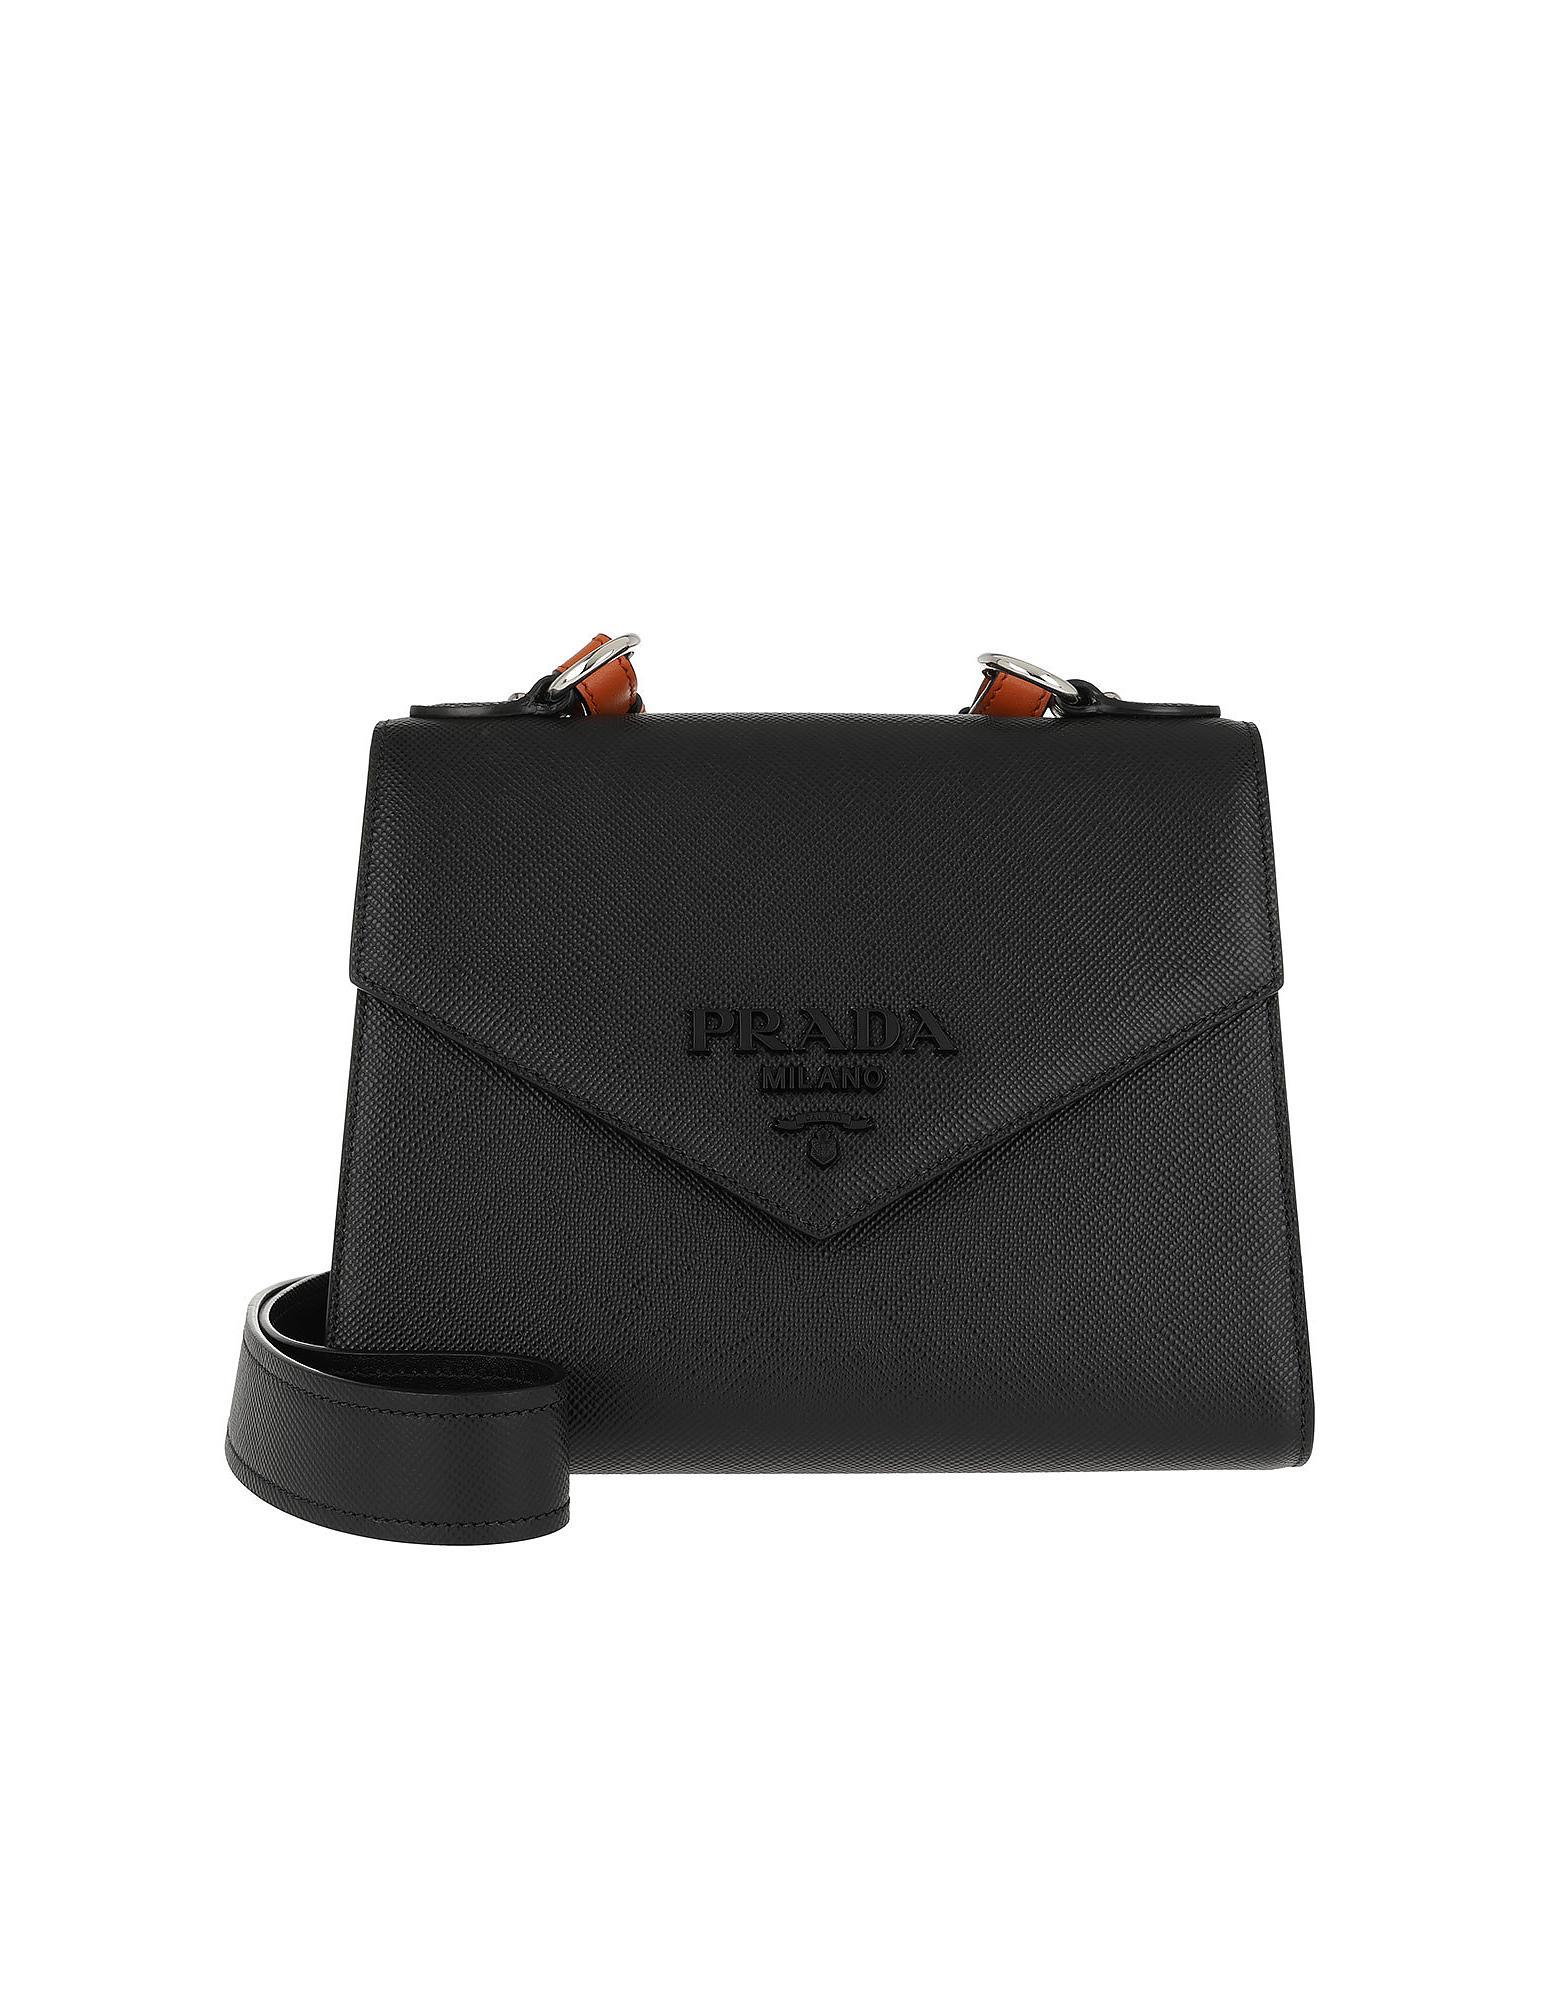 4313ab213587 Lyst - Prada Monochrome Saffiano Leather Bag Black papaya in Black